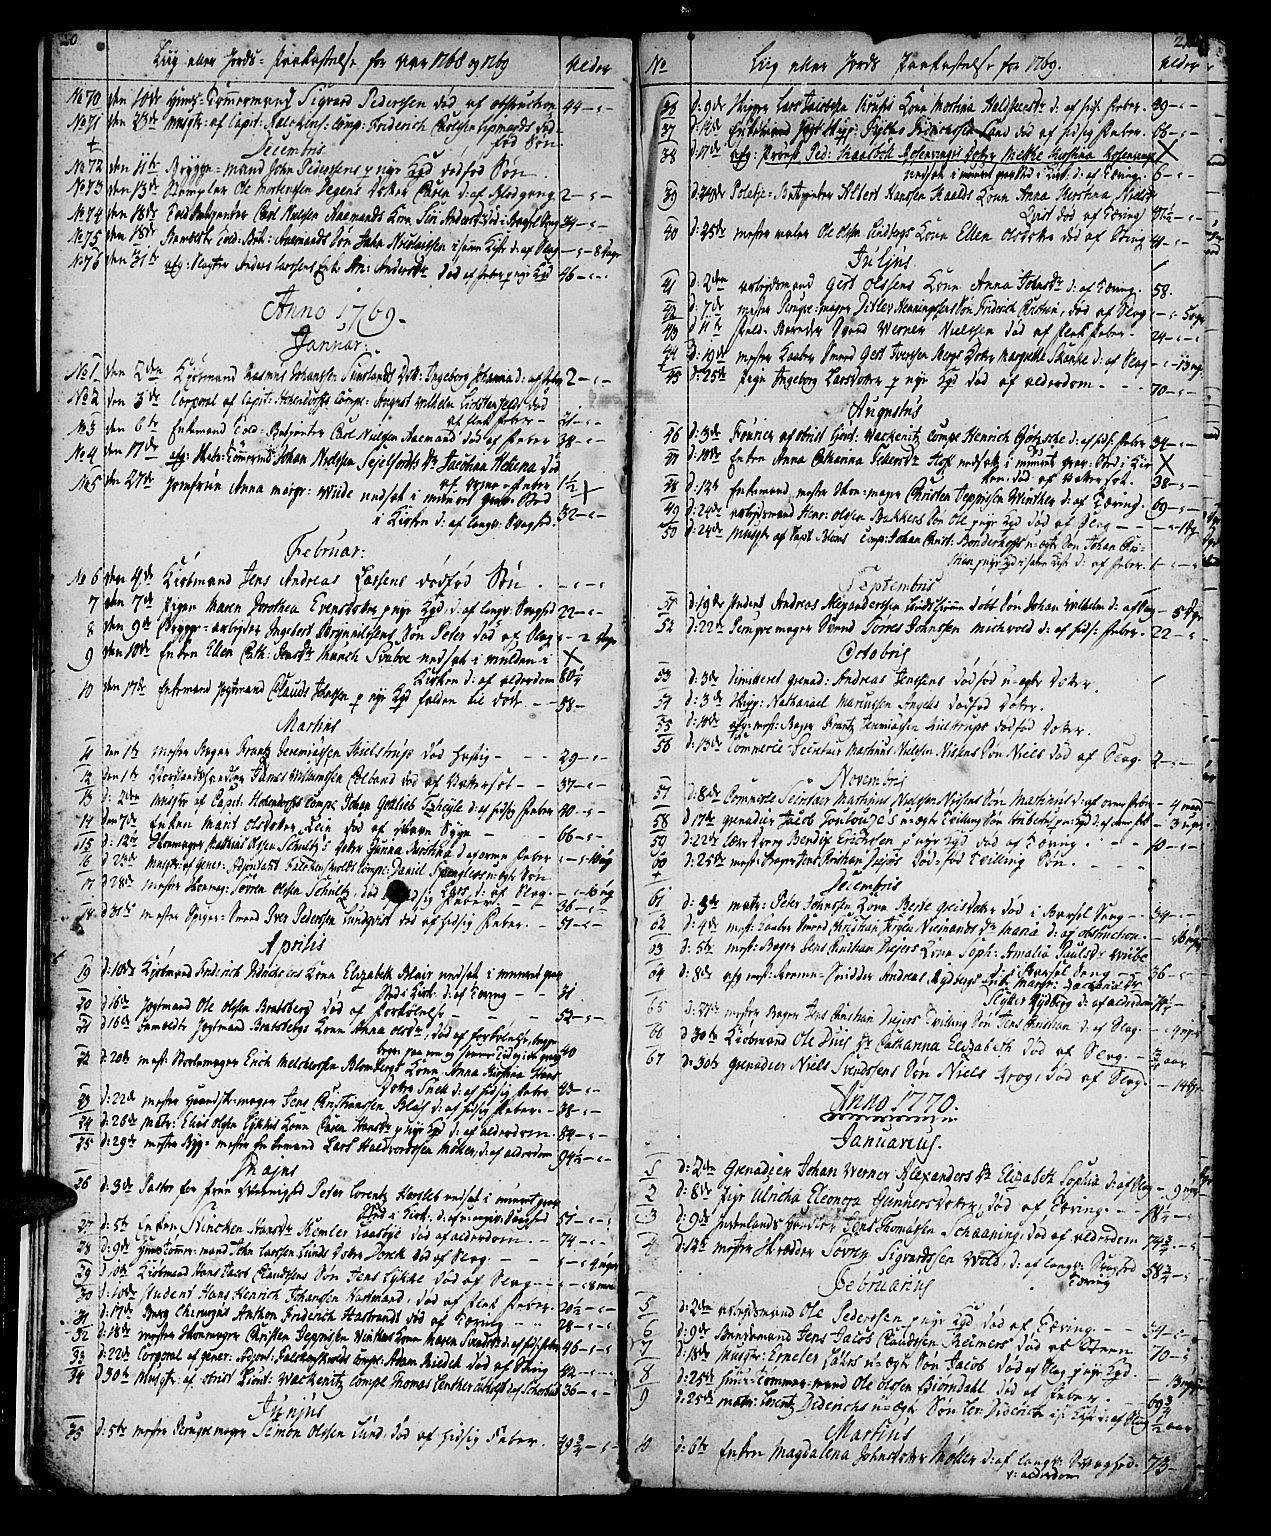 SAT, Ministerialprotokoller, klokkerbøker og fødselsregistre - Sør-Trøndelag, 602/L0134: Klokkerbok nr. 602C02, 1759-1812, s. 20-21